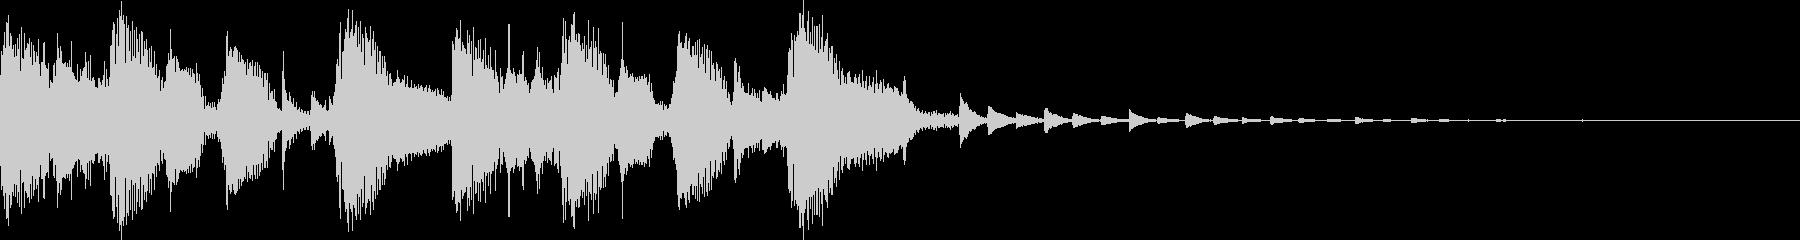 モダン・最先端・EDMジングル3の未再生の波形